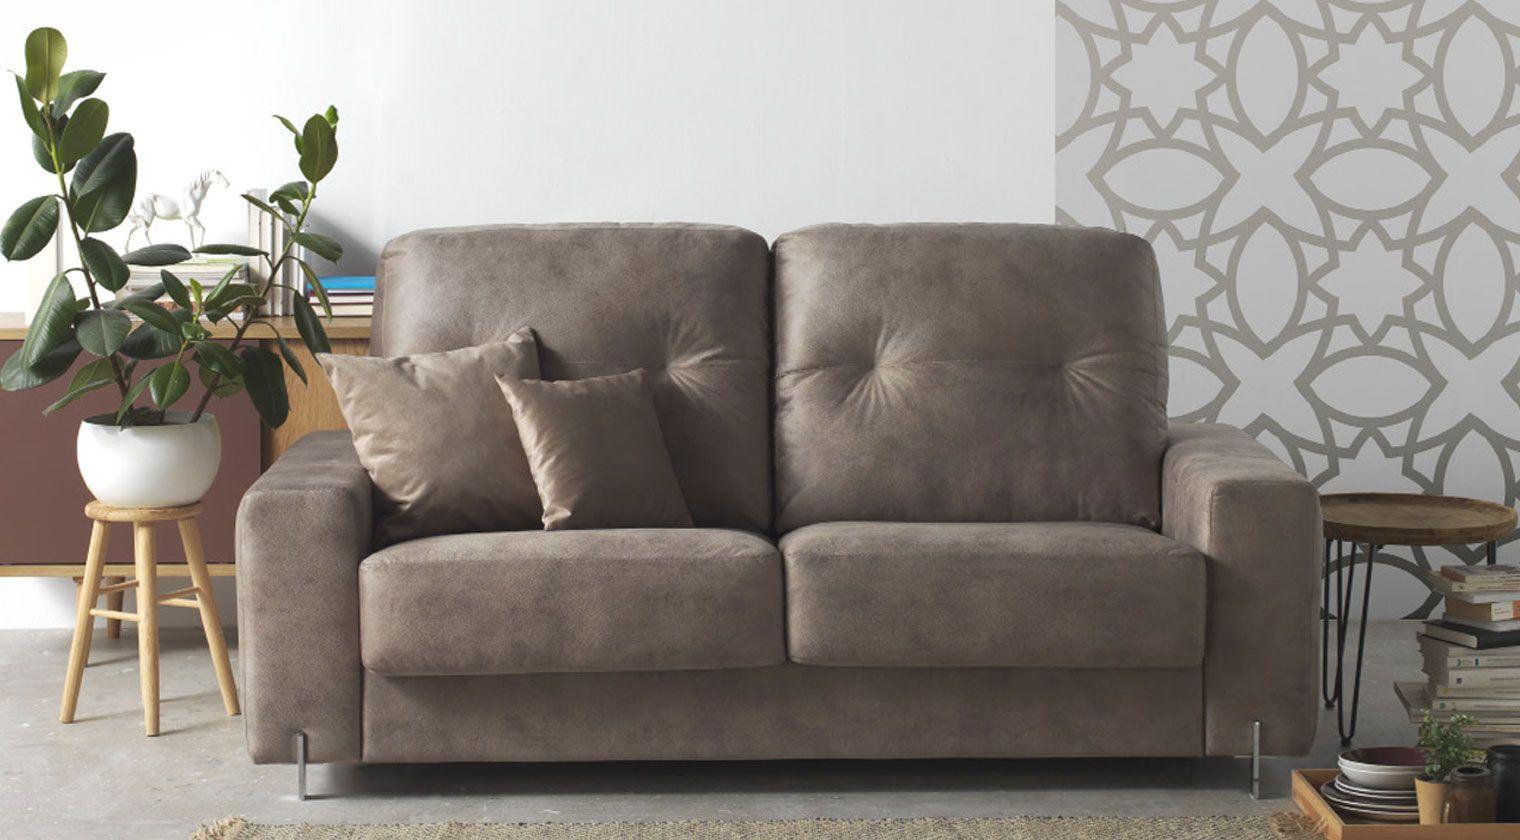 Sof cama sevilla sofas cama apertura italiana - Sofa cama segunda mano sevilla ...